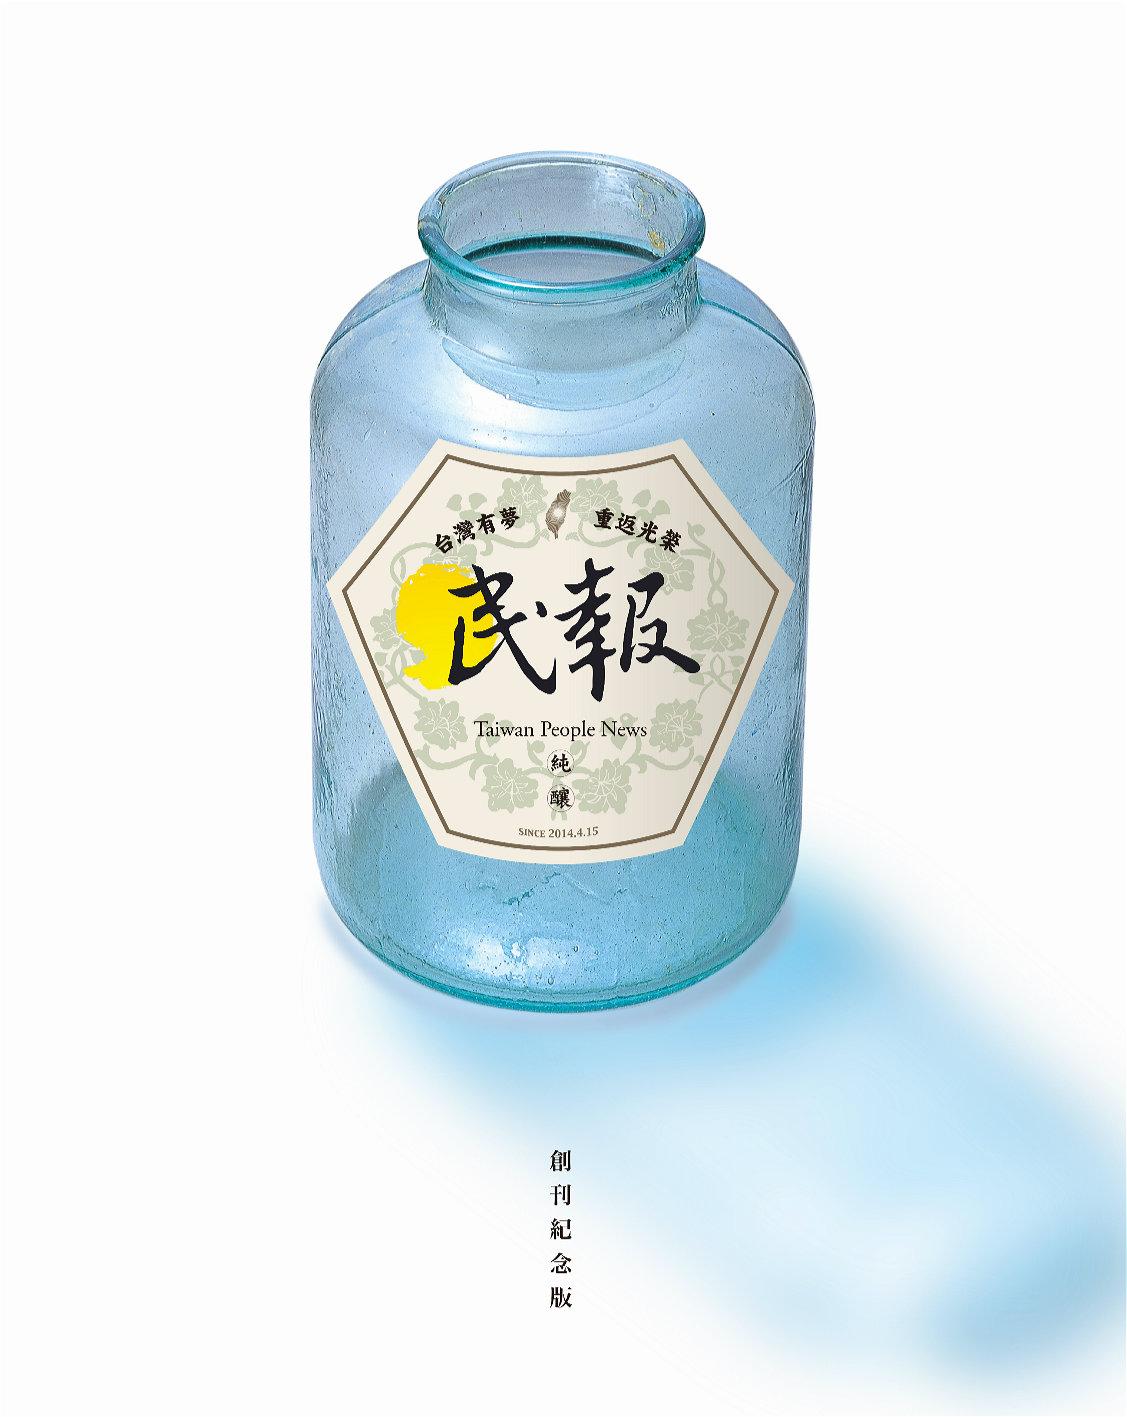 設計大師楊啟巽操刀 民報故事從「瓶子」說起